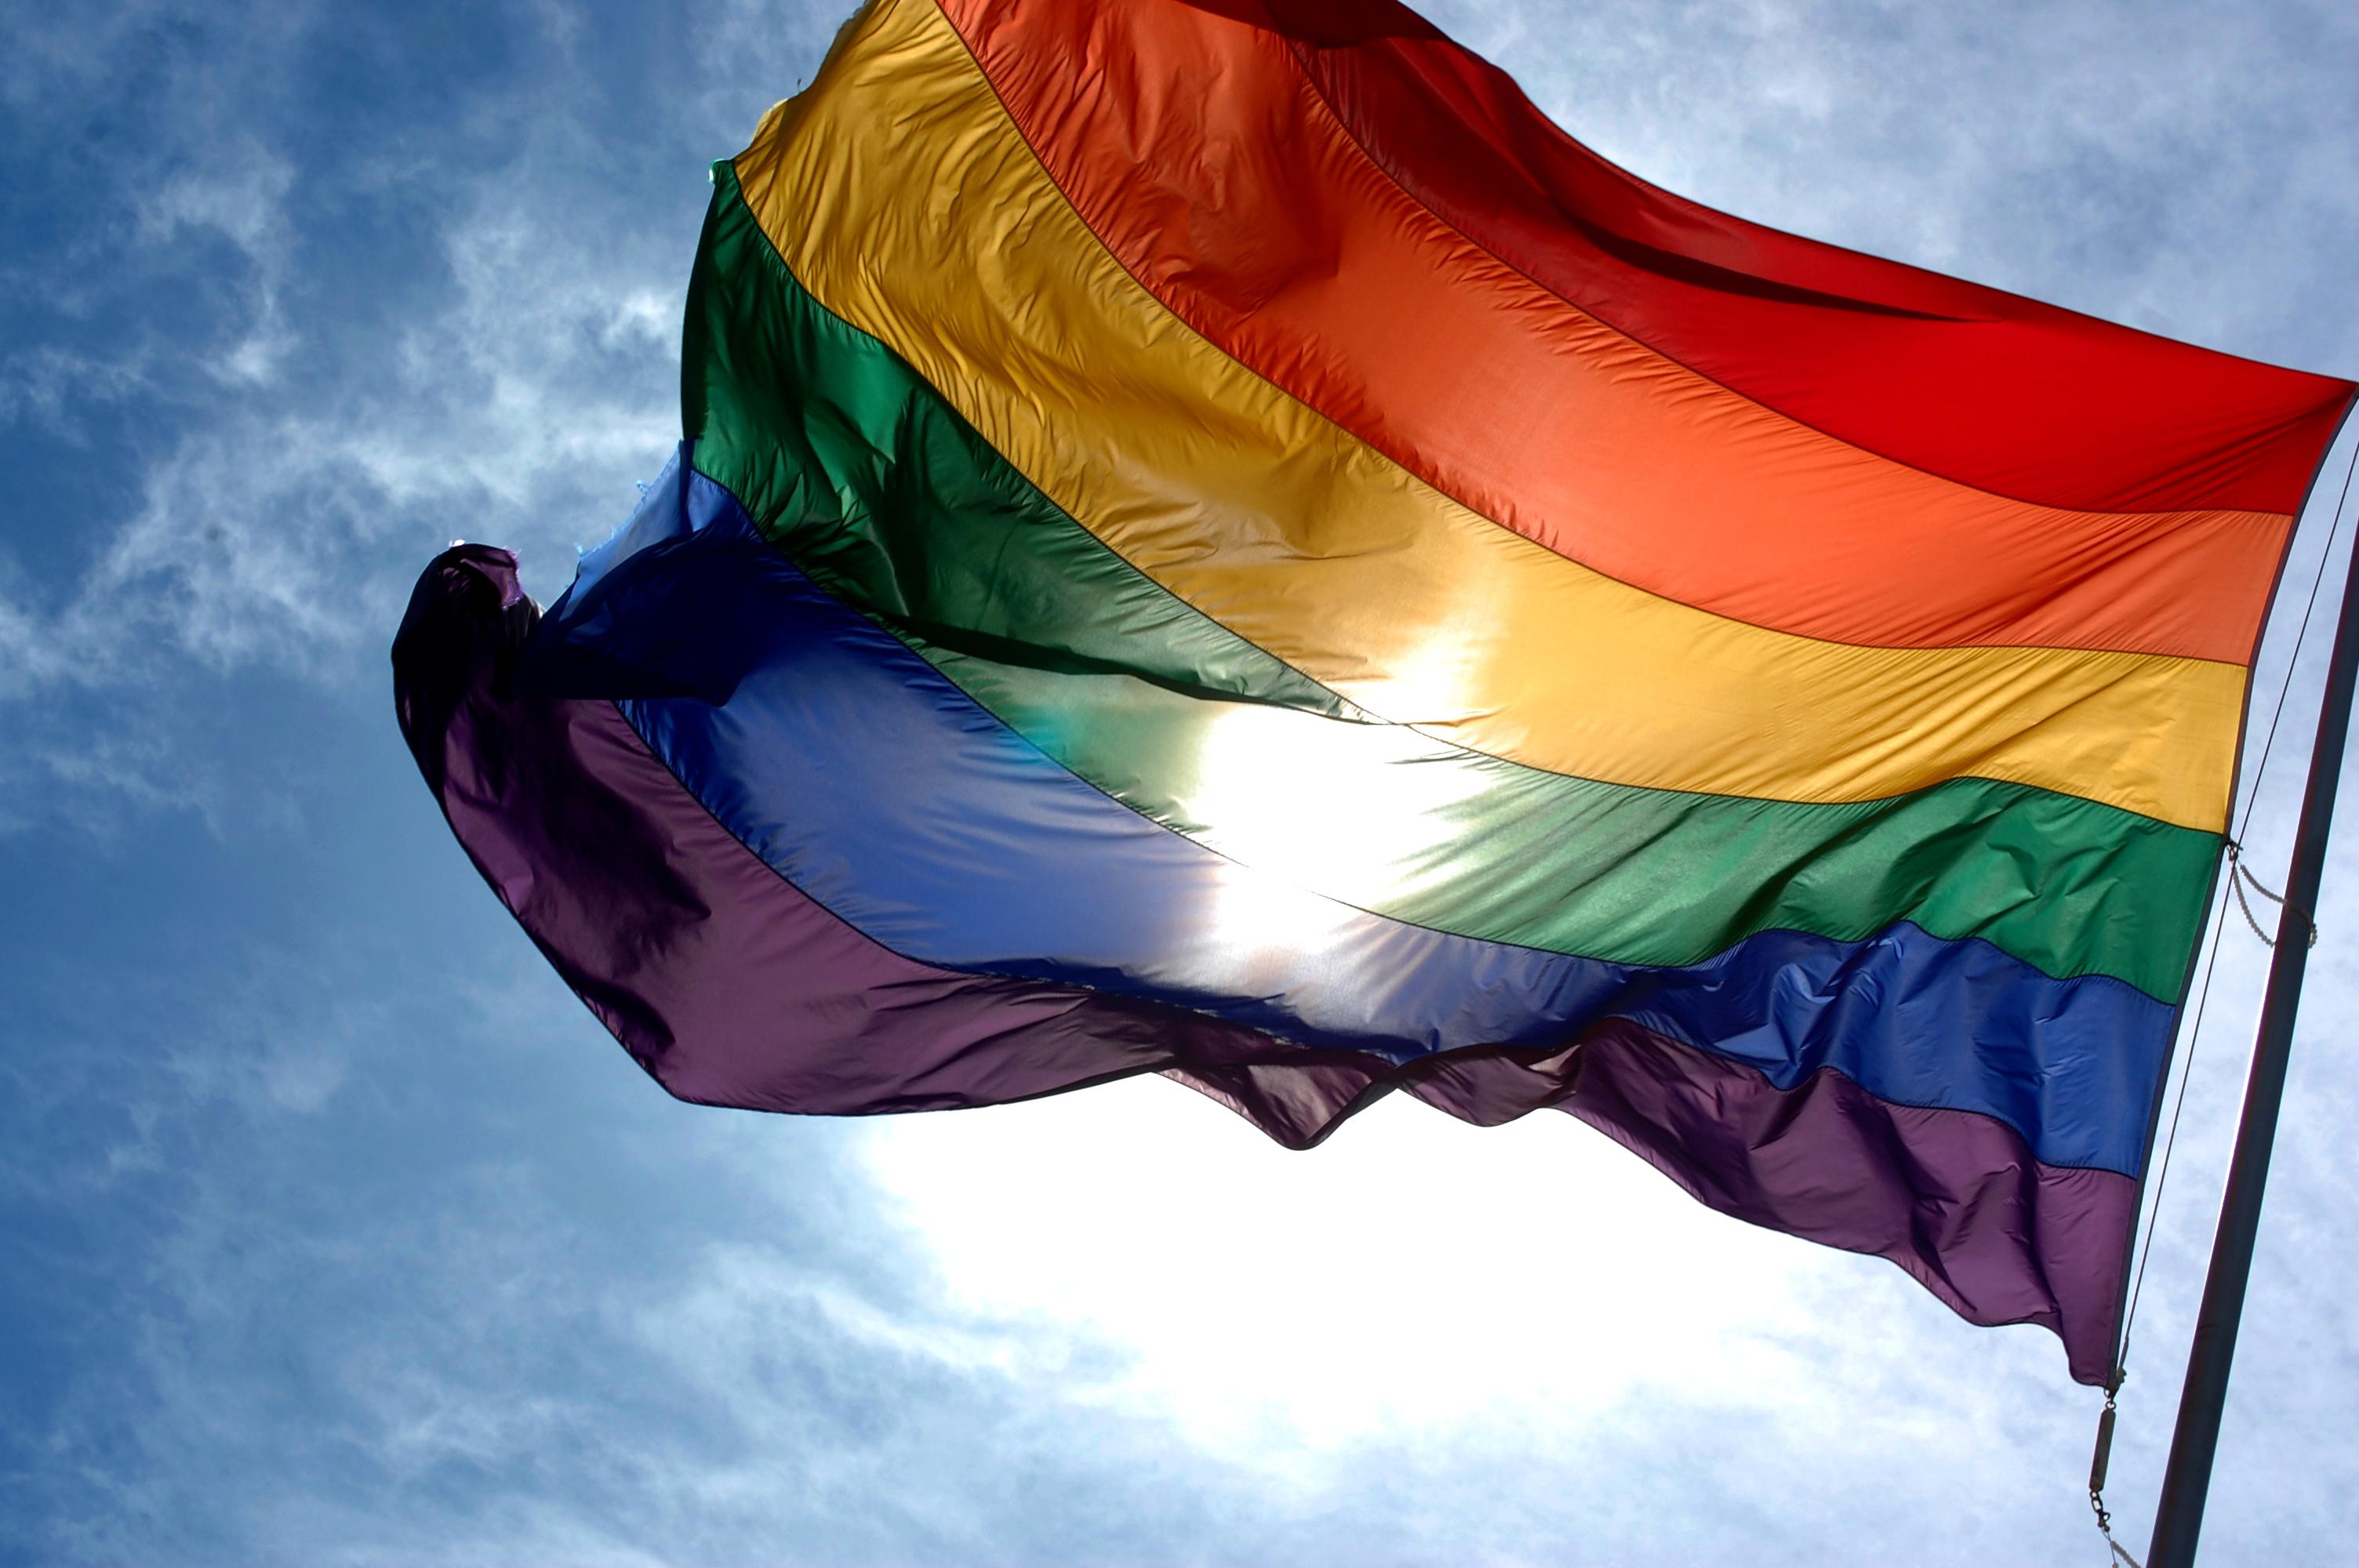 Un appel à projets lancé pour lutter contre le racisme et l'homophobie